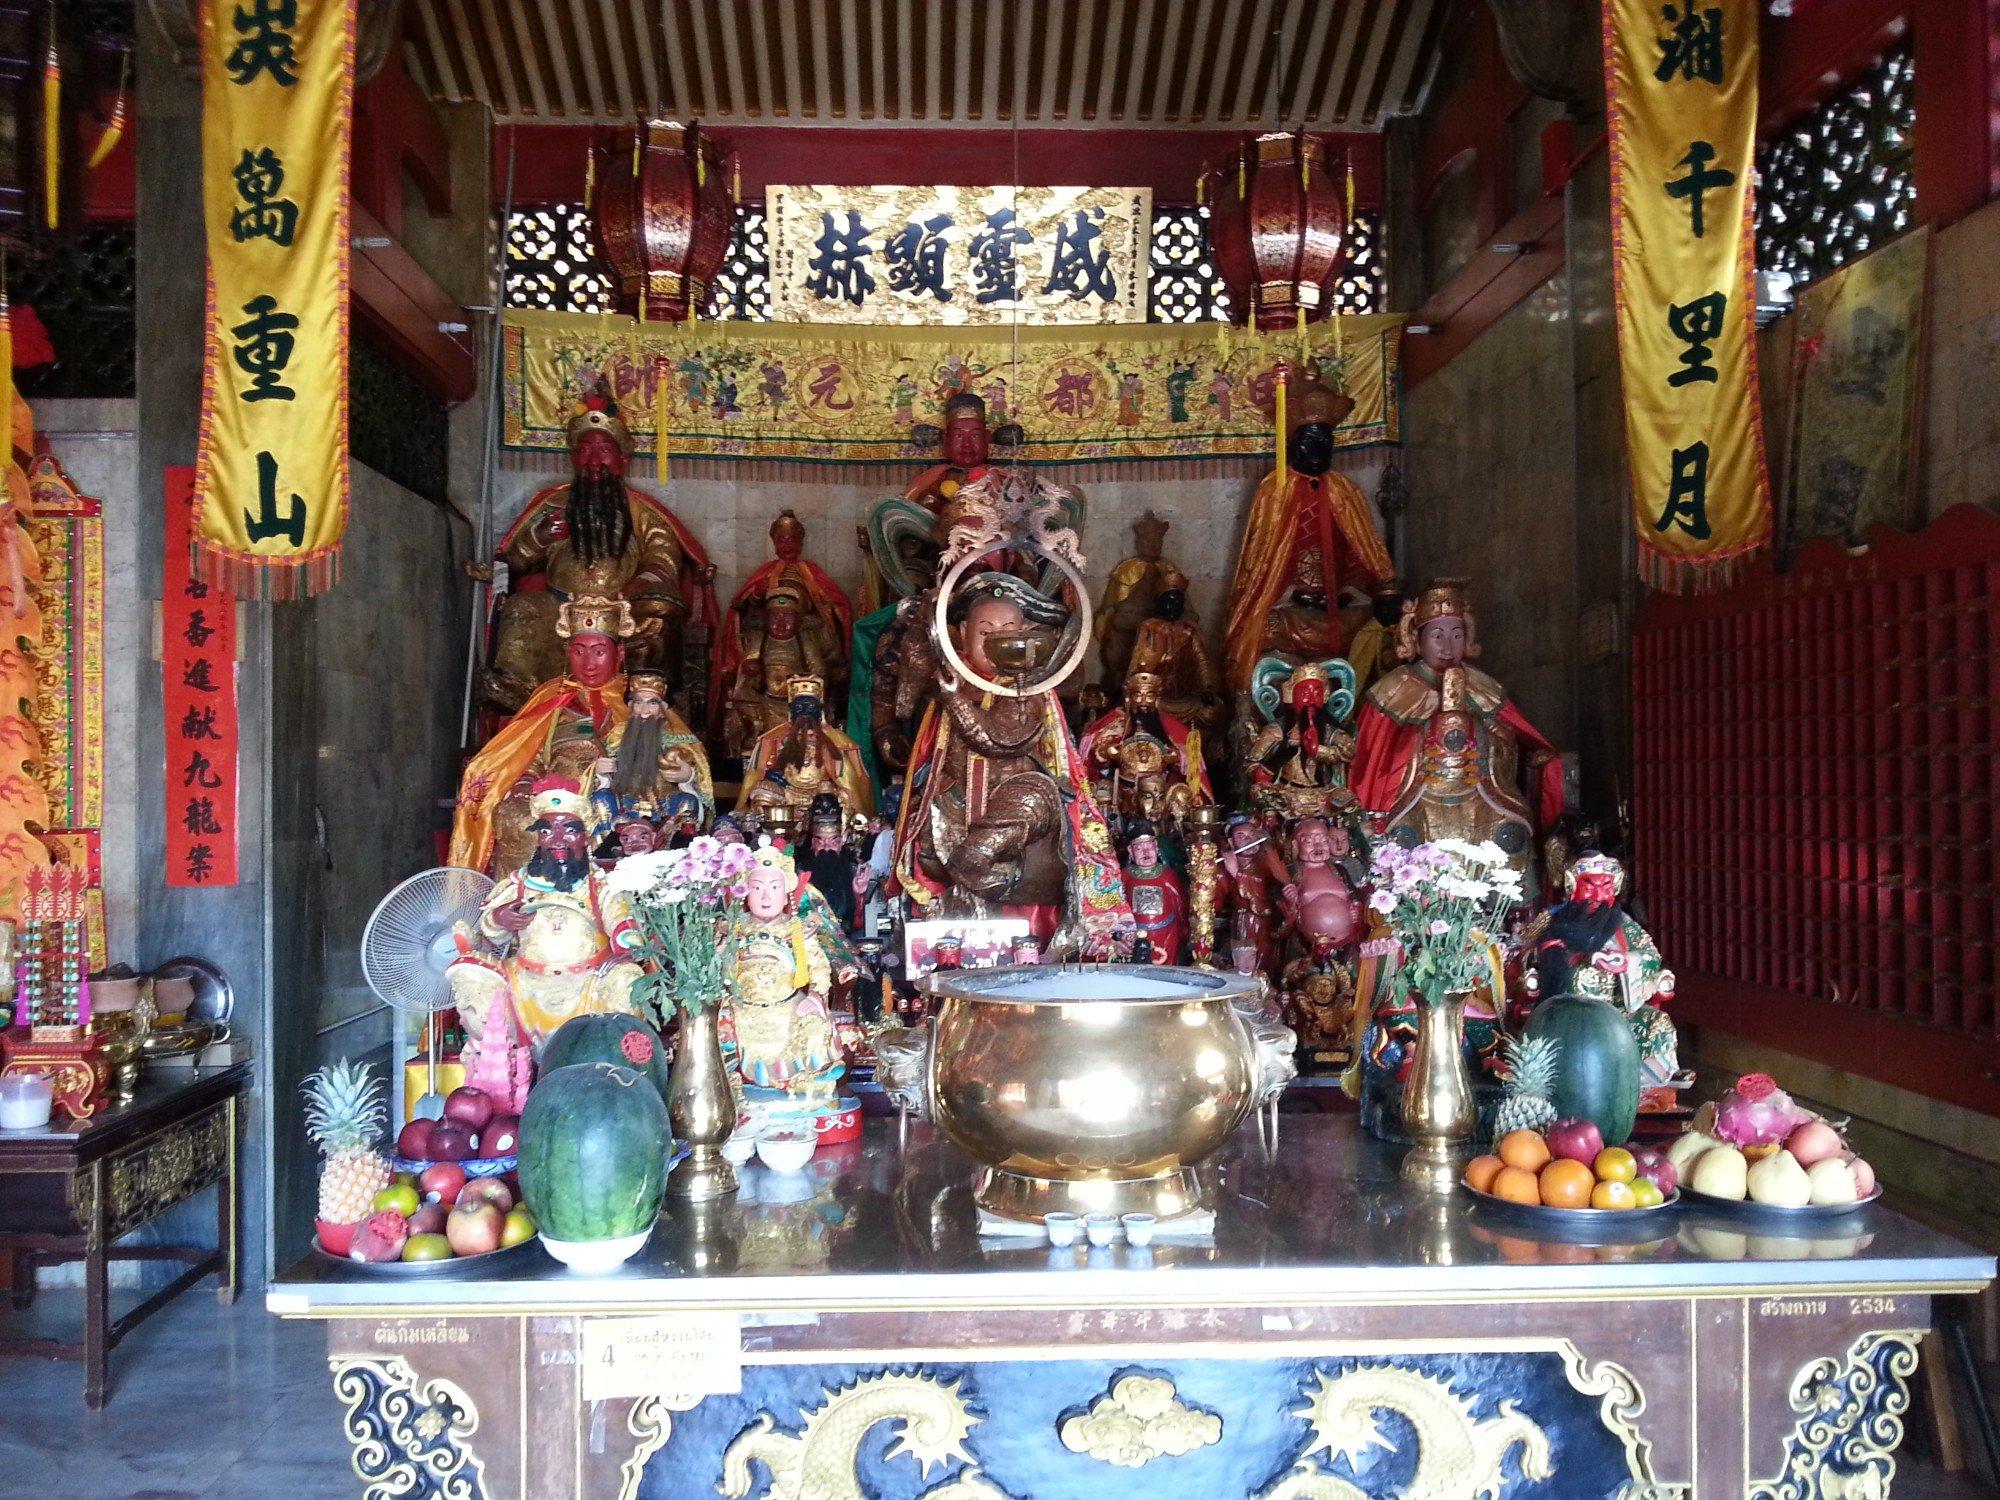 Main altar at the Jui Tui Shrine